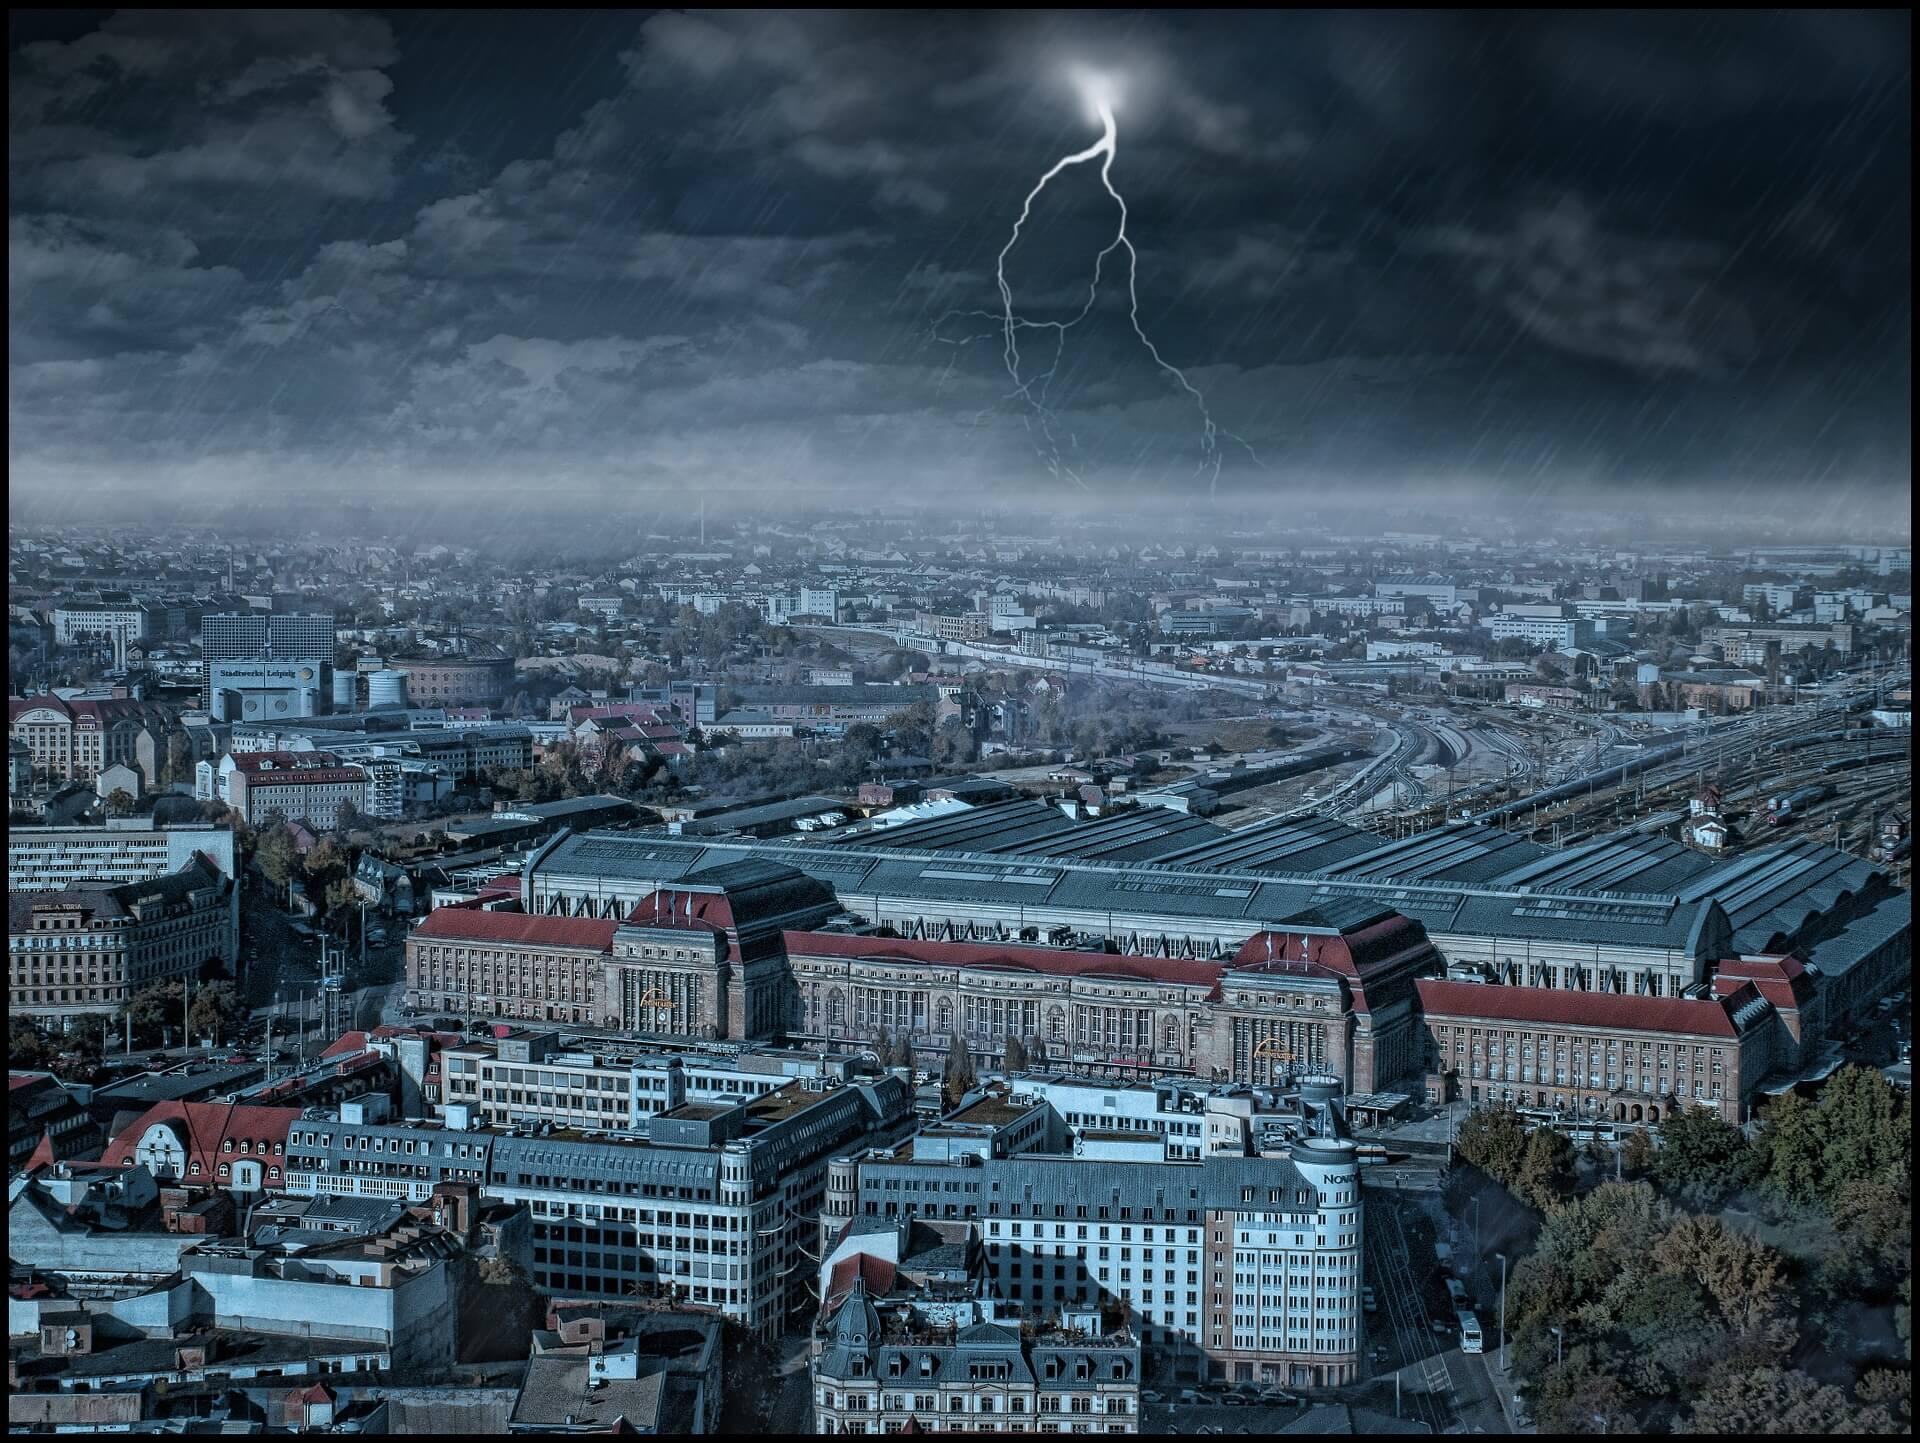 Na burze v německém Lipsku se zdražuje, proto ČEZ od března 2020 dělá totéž